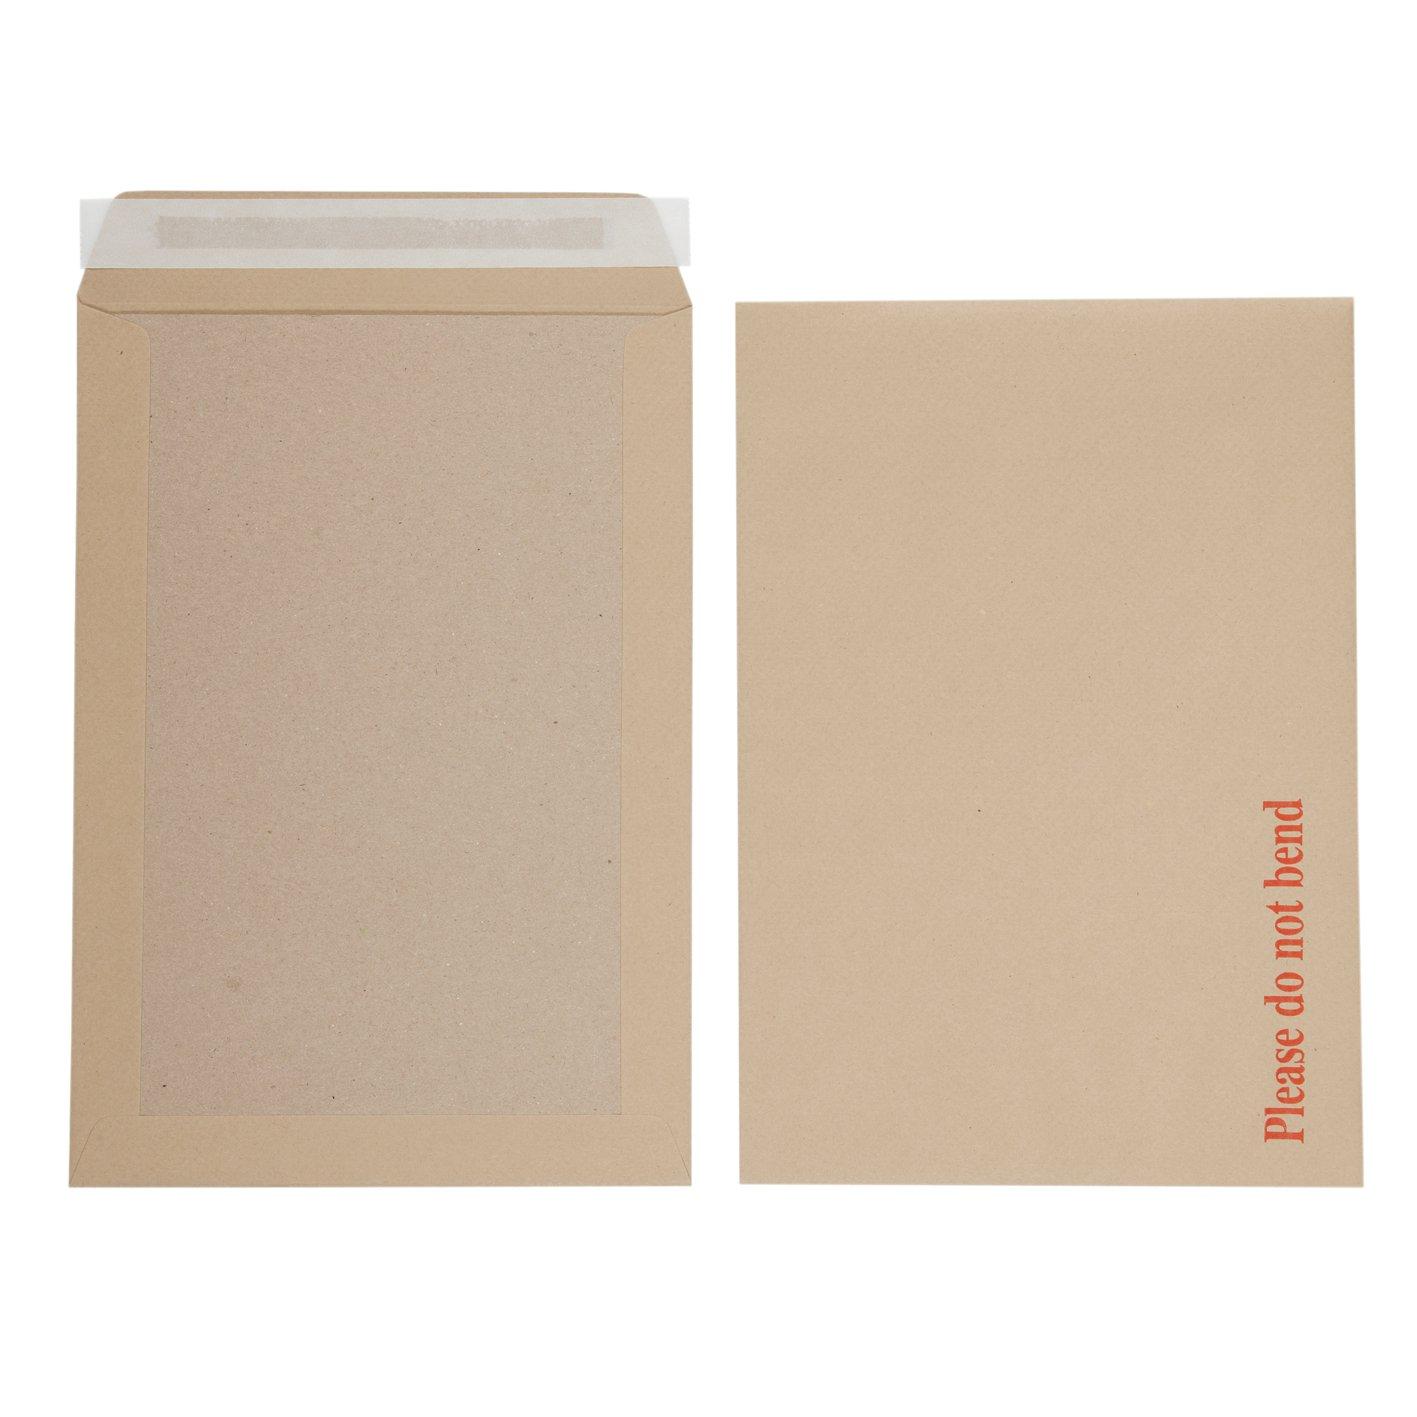 Initiative Envelope Boardbacked Peel n Seal C4 115gsm Manilla Pack 125